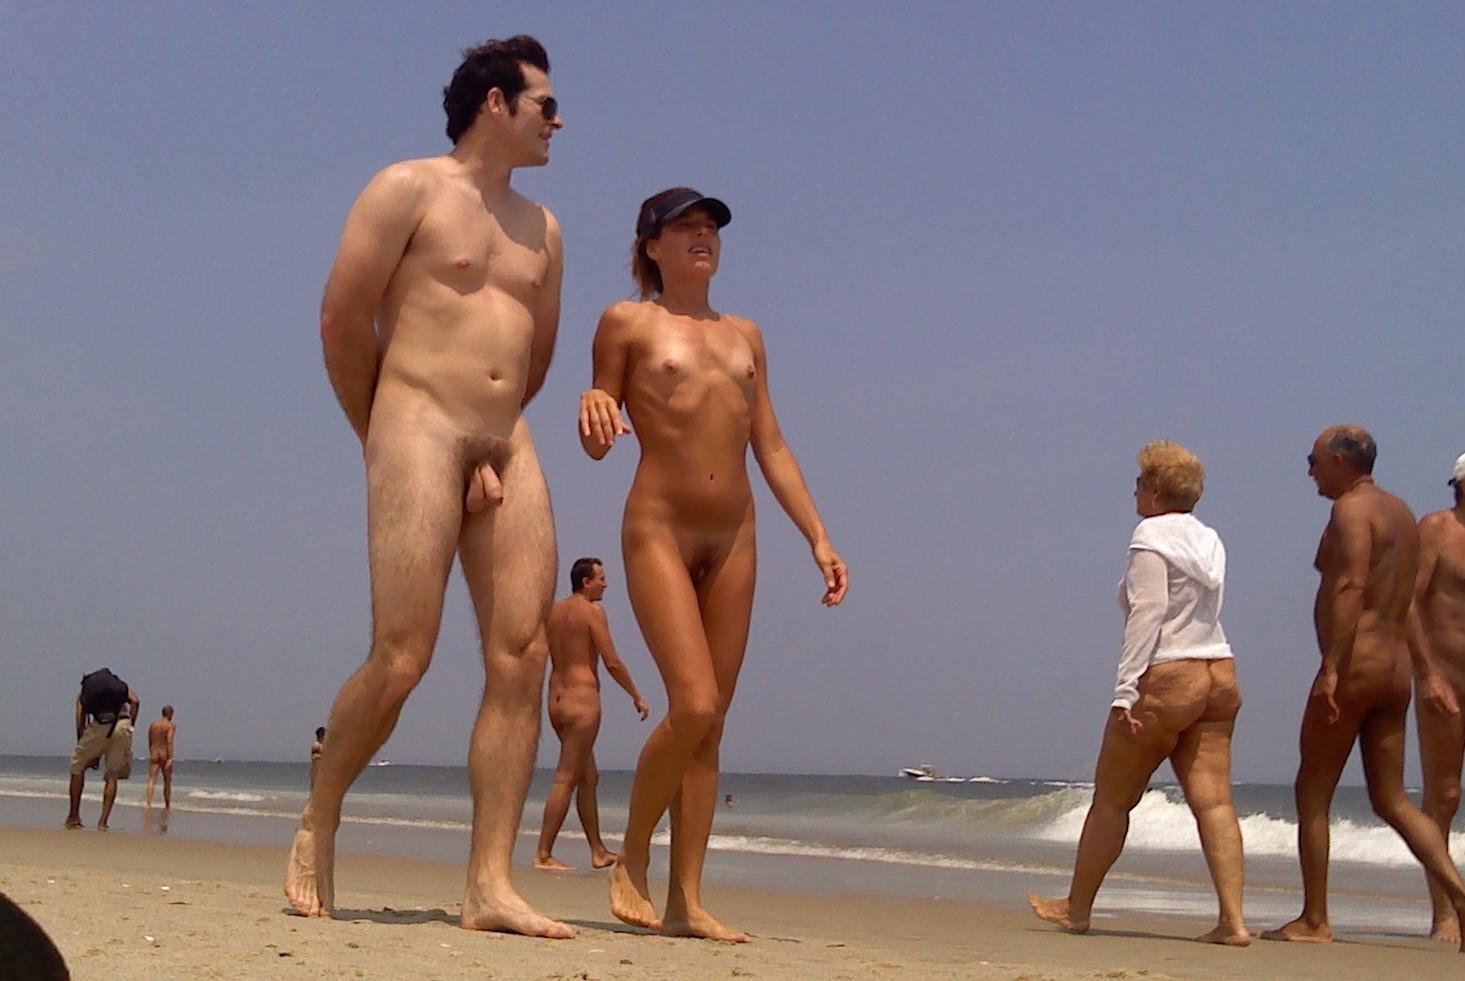 Nj nude beach pussy pics